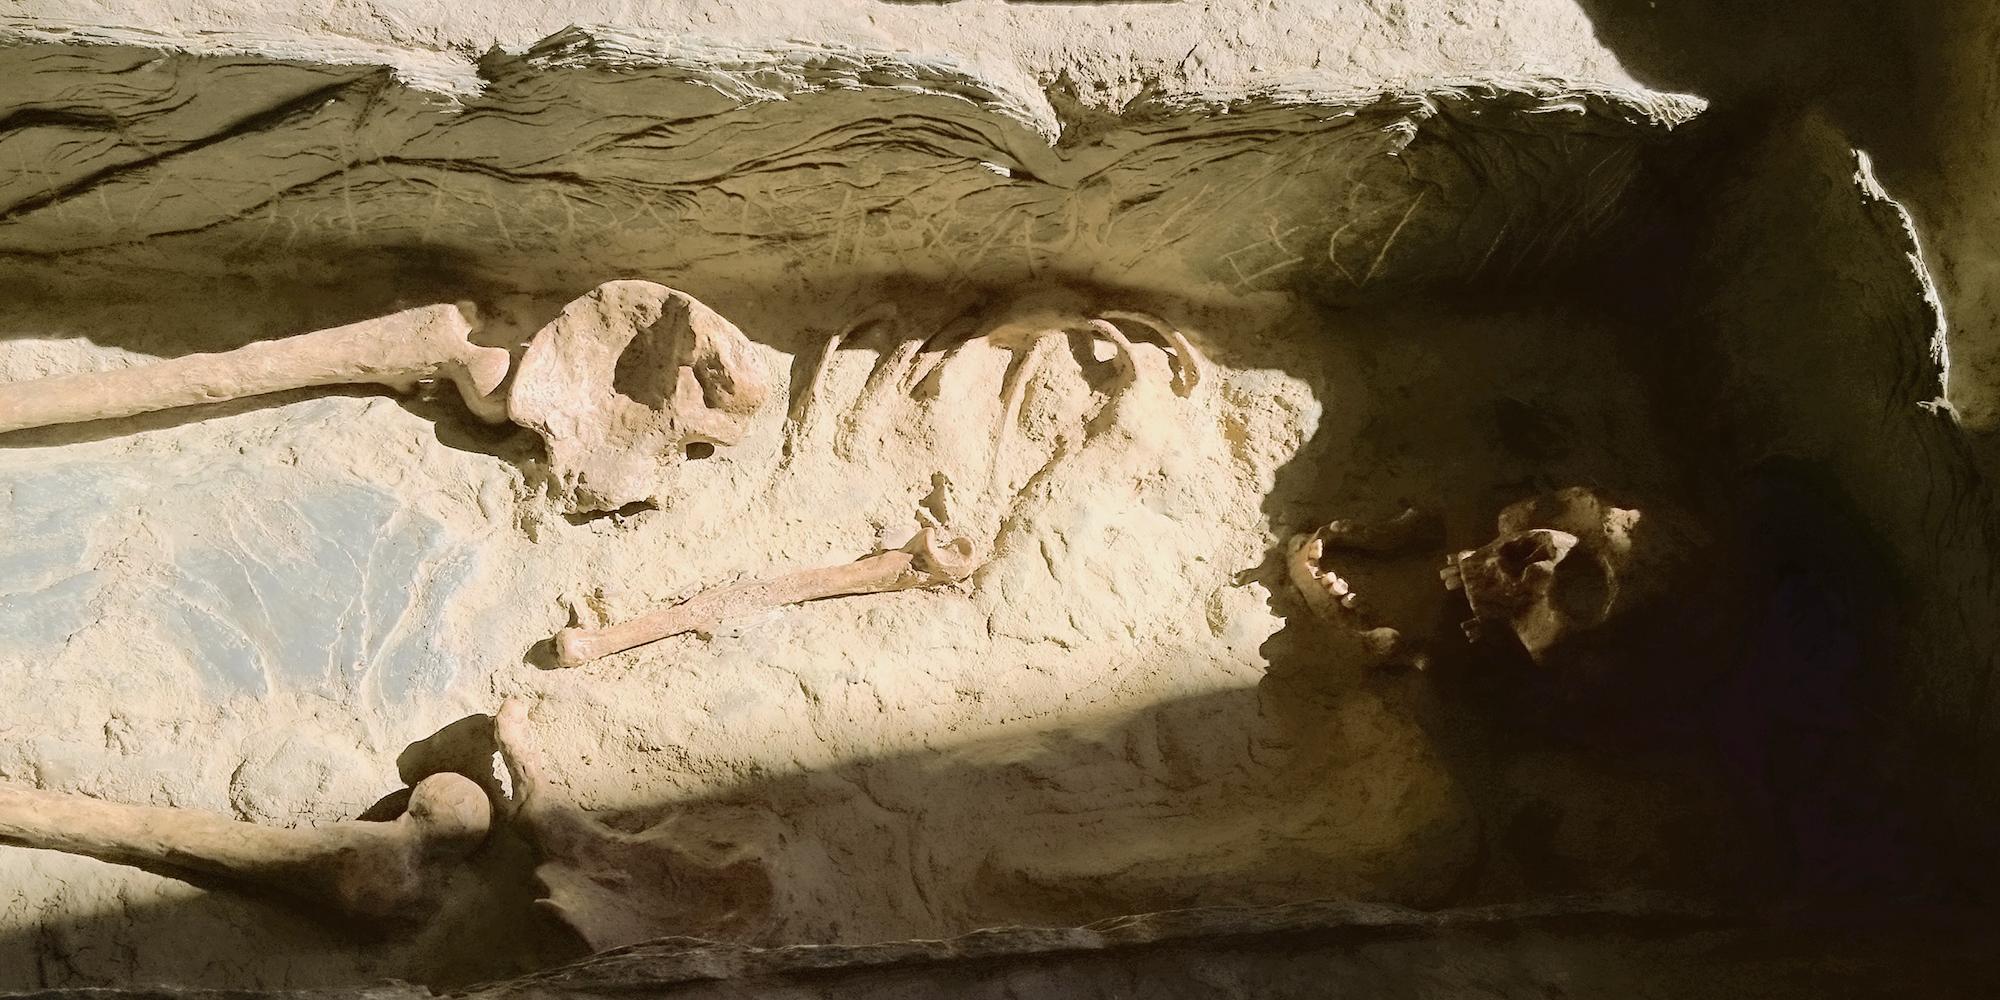 décor reconstitution d'un tombeau archéologique en résine pour musée exposition et manipulations